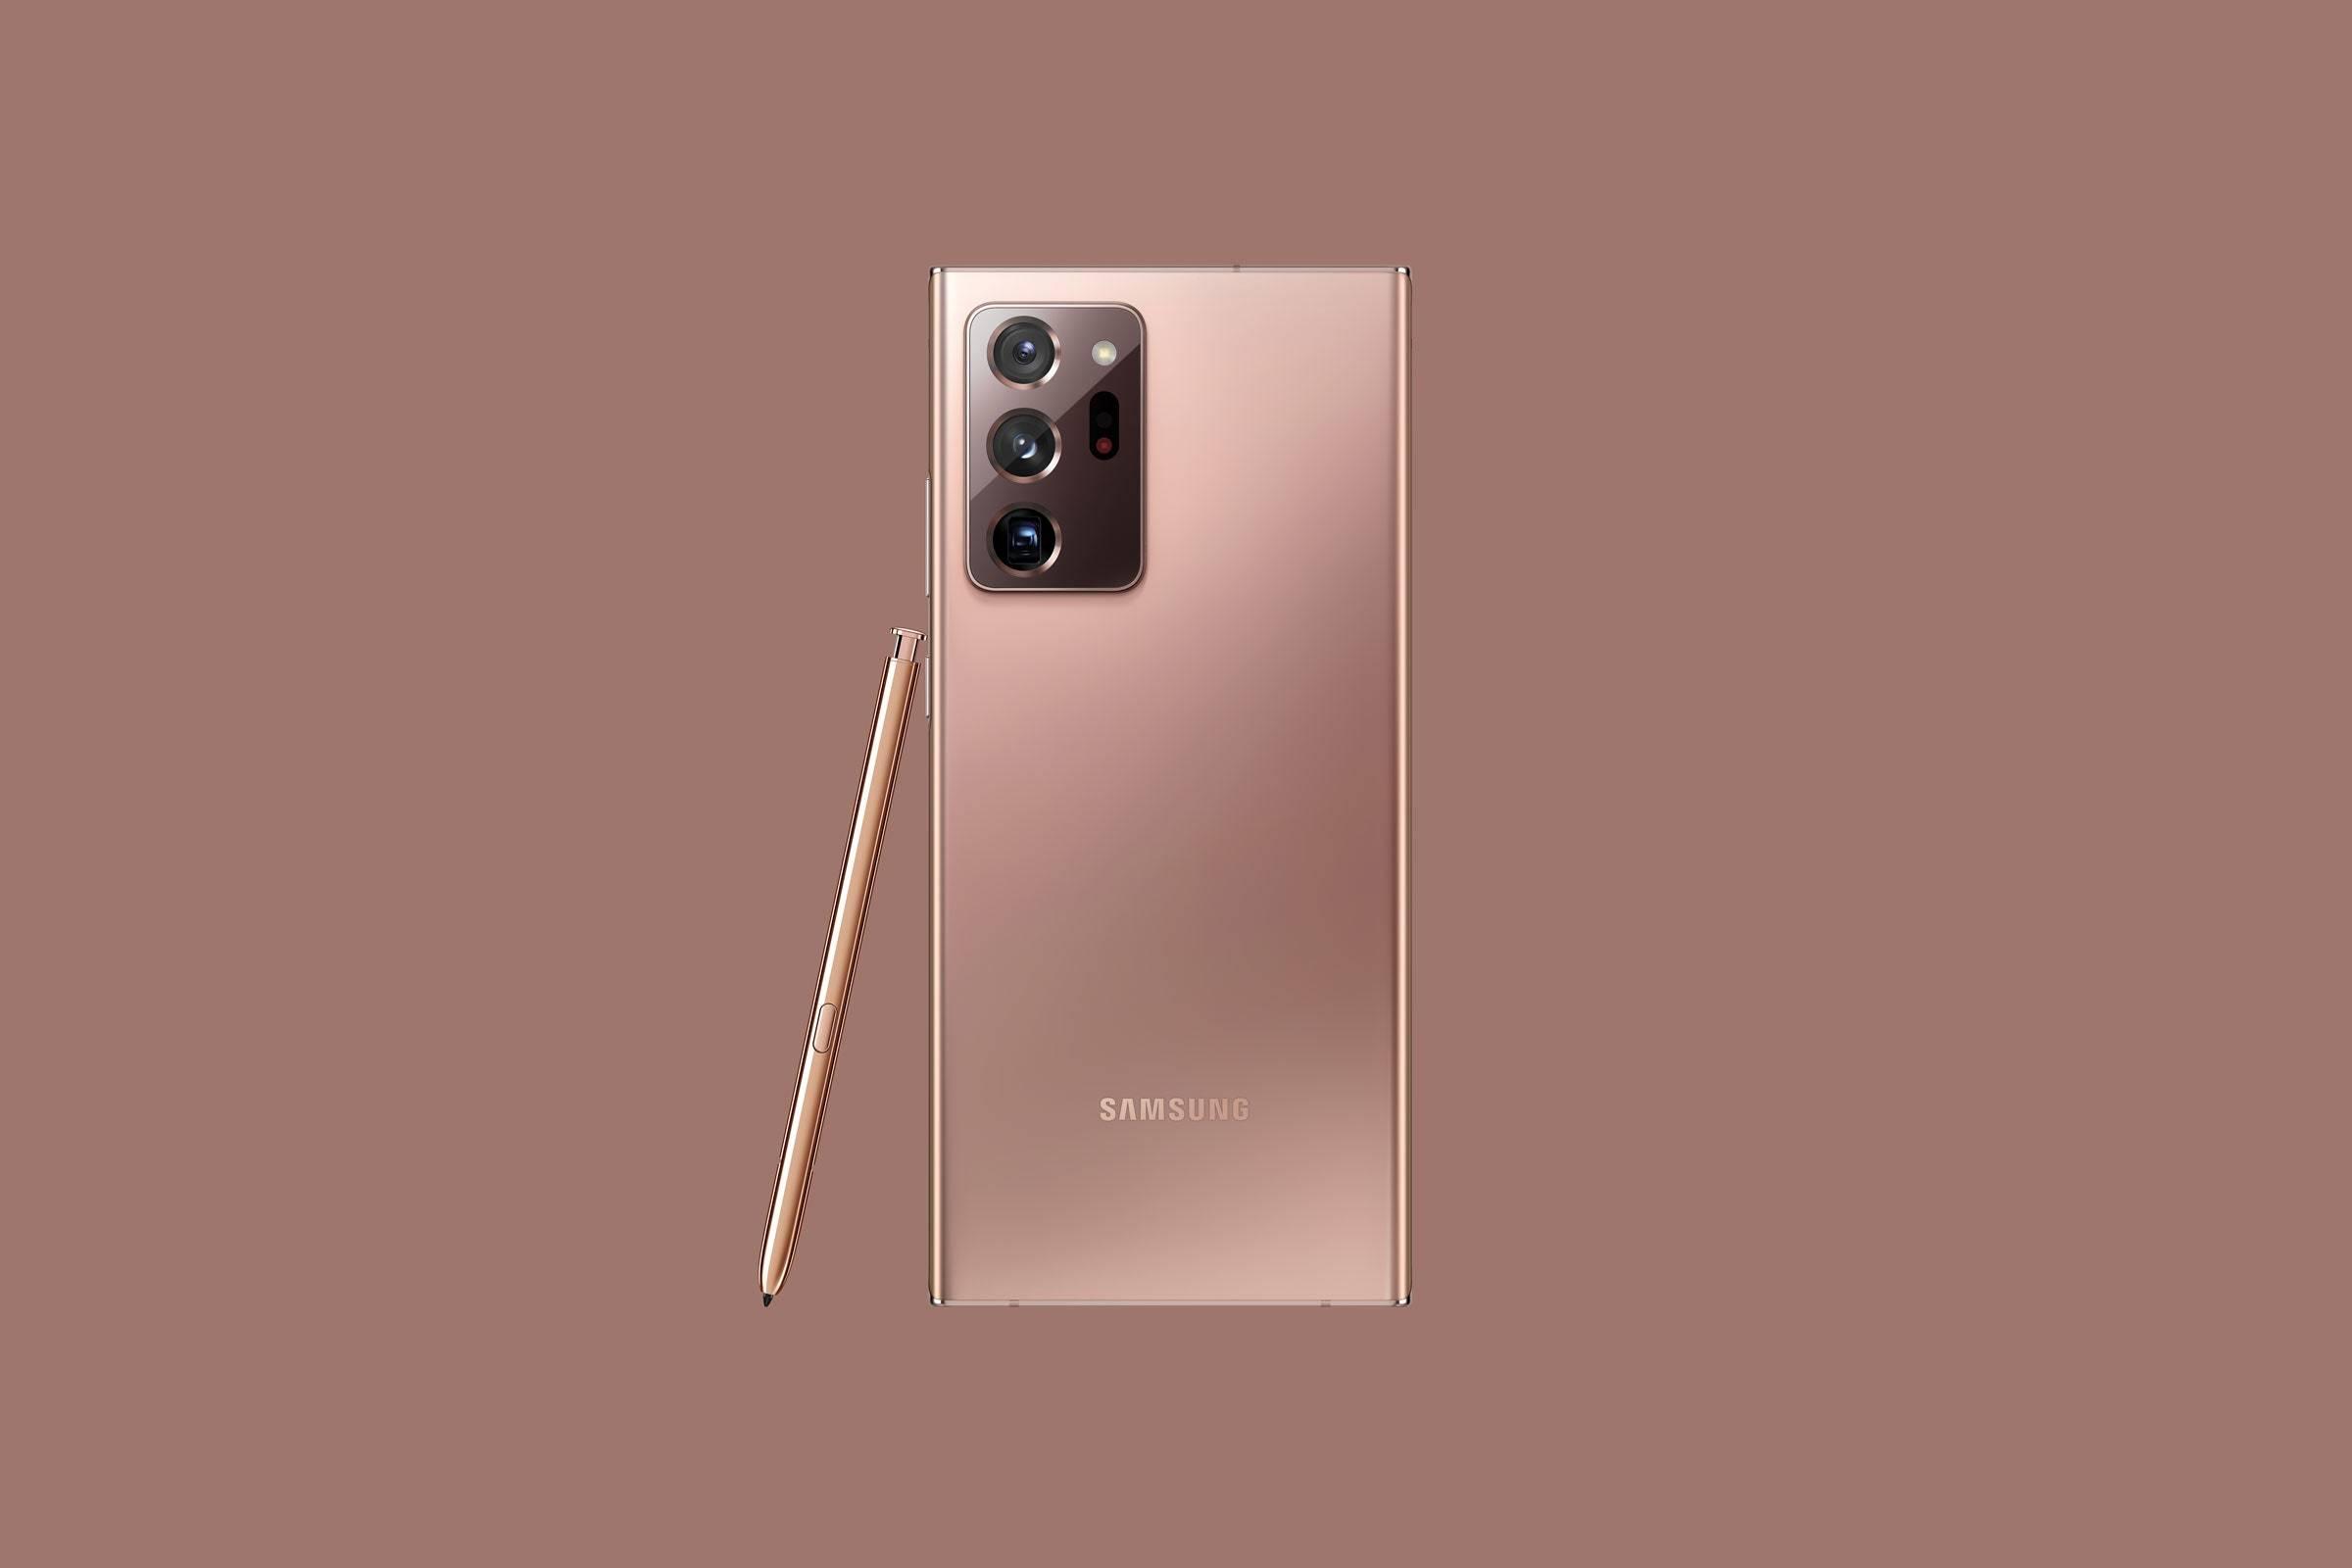 Samsung cân nhắc bỏ Galaxy Note năm nay